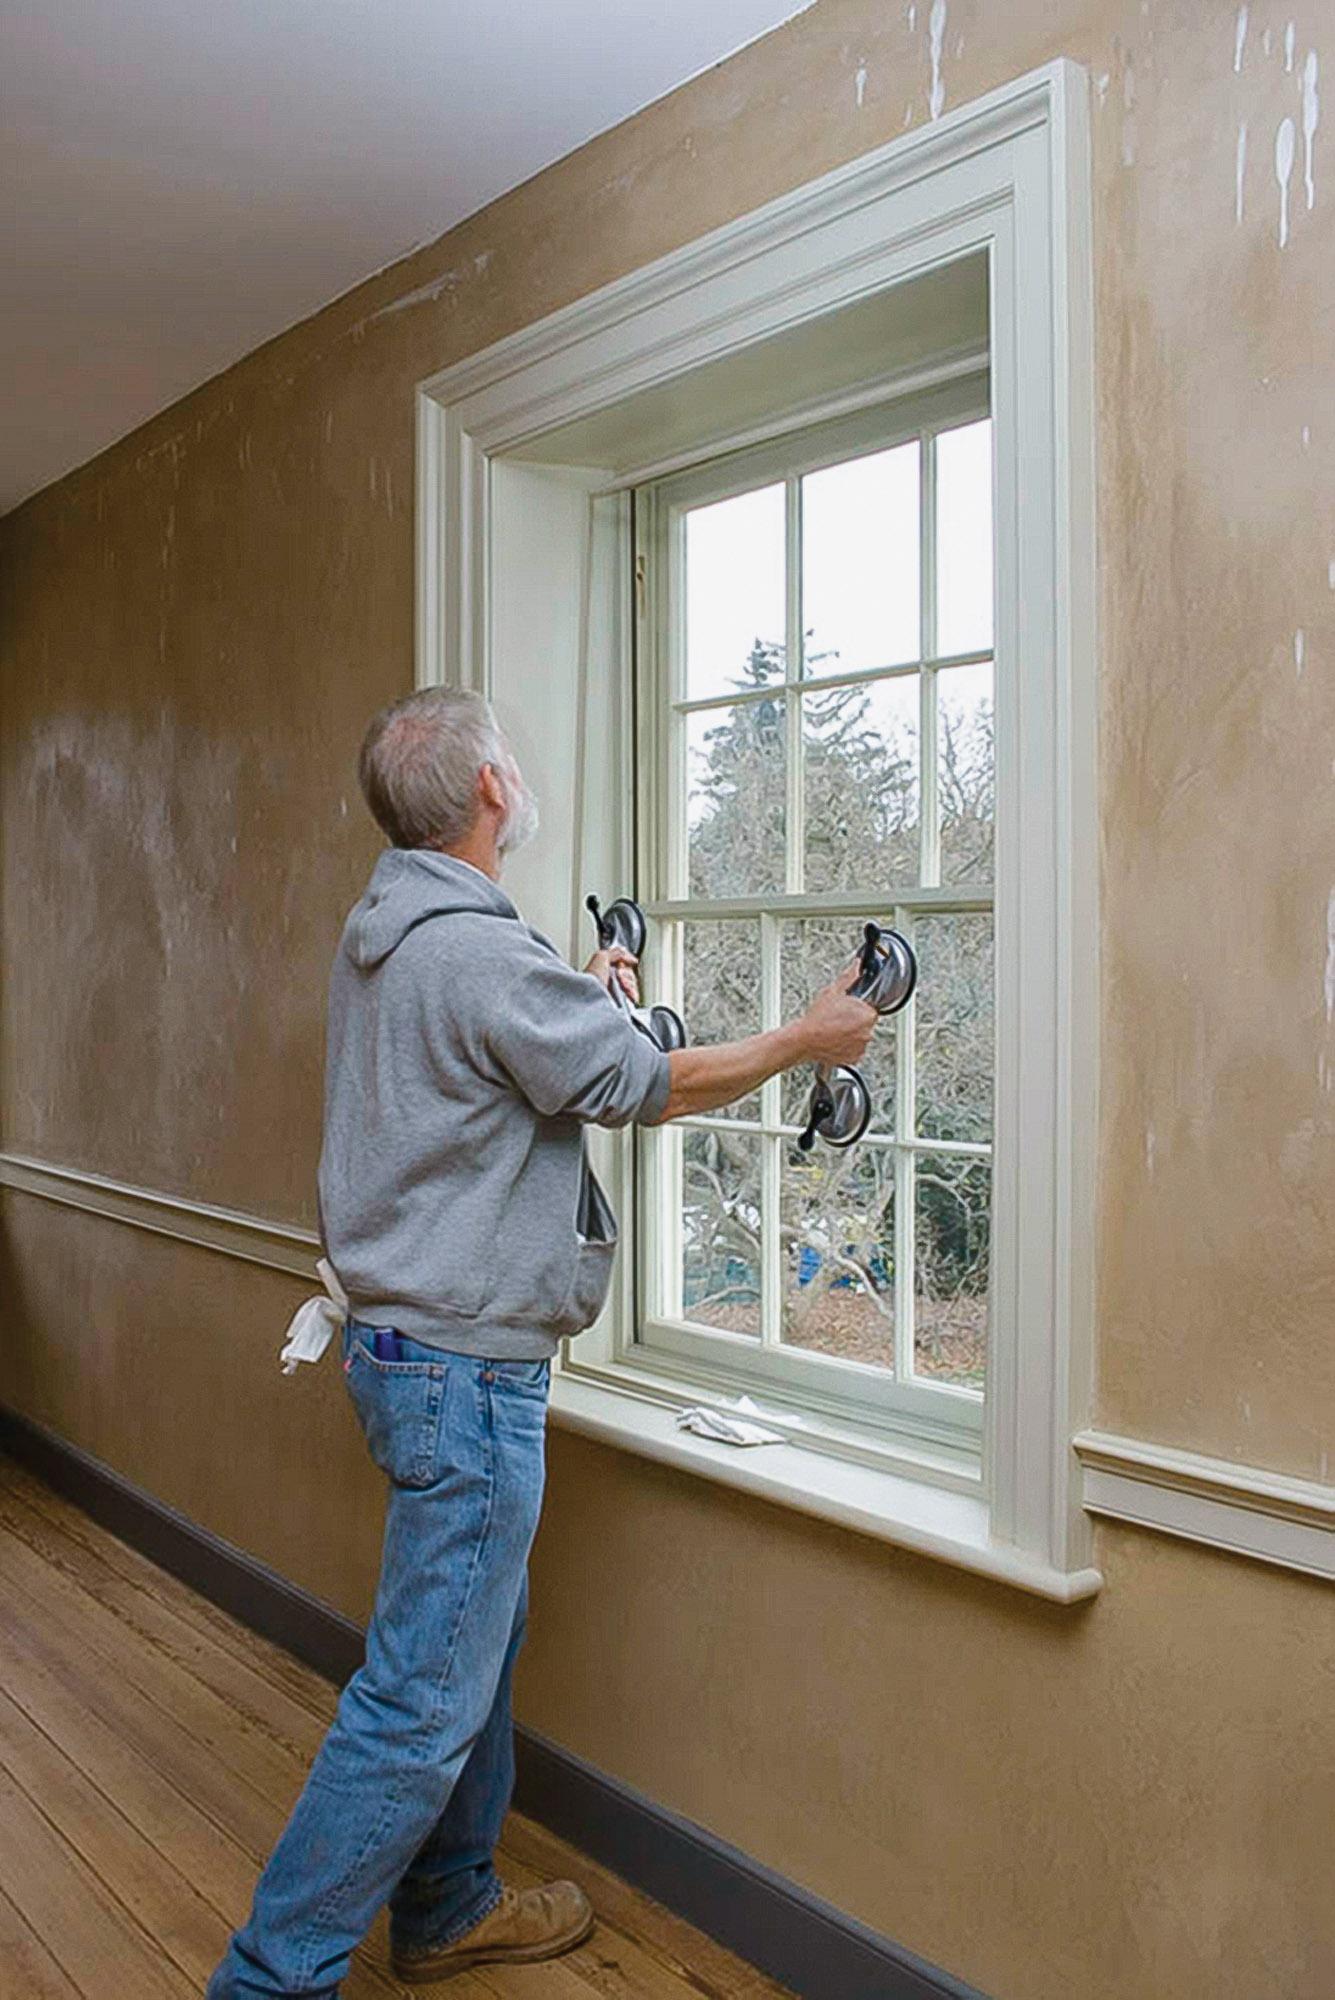 Allied Window worker